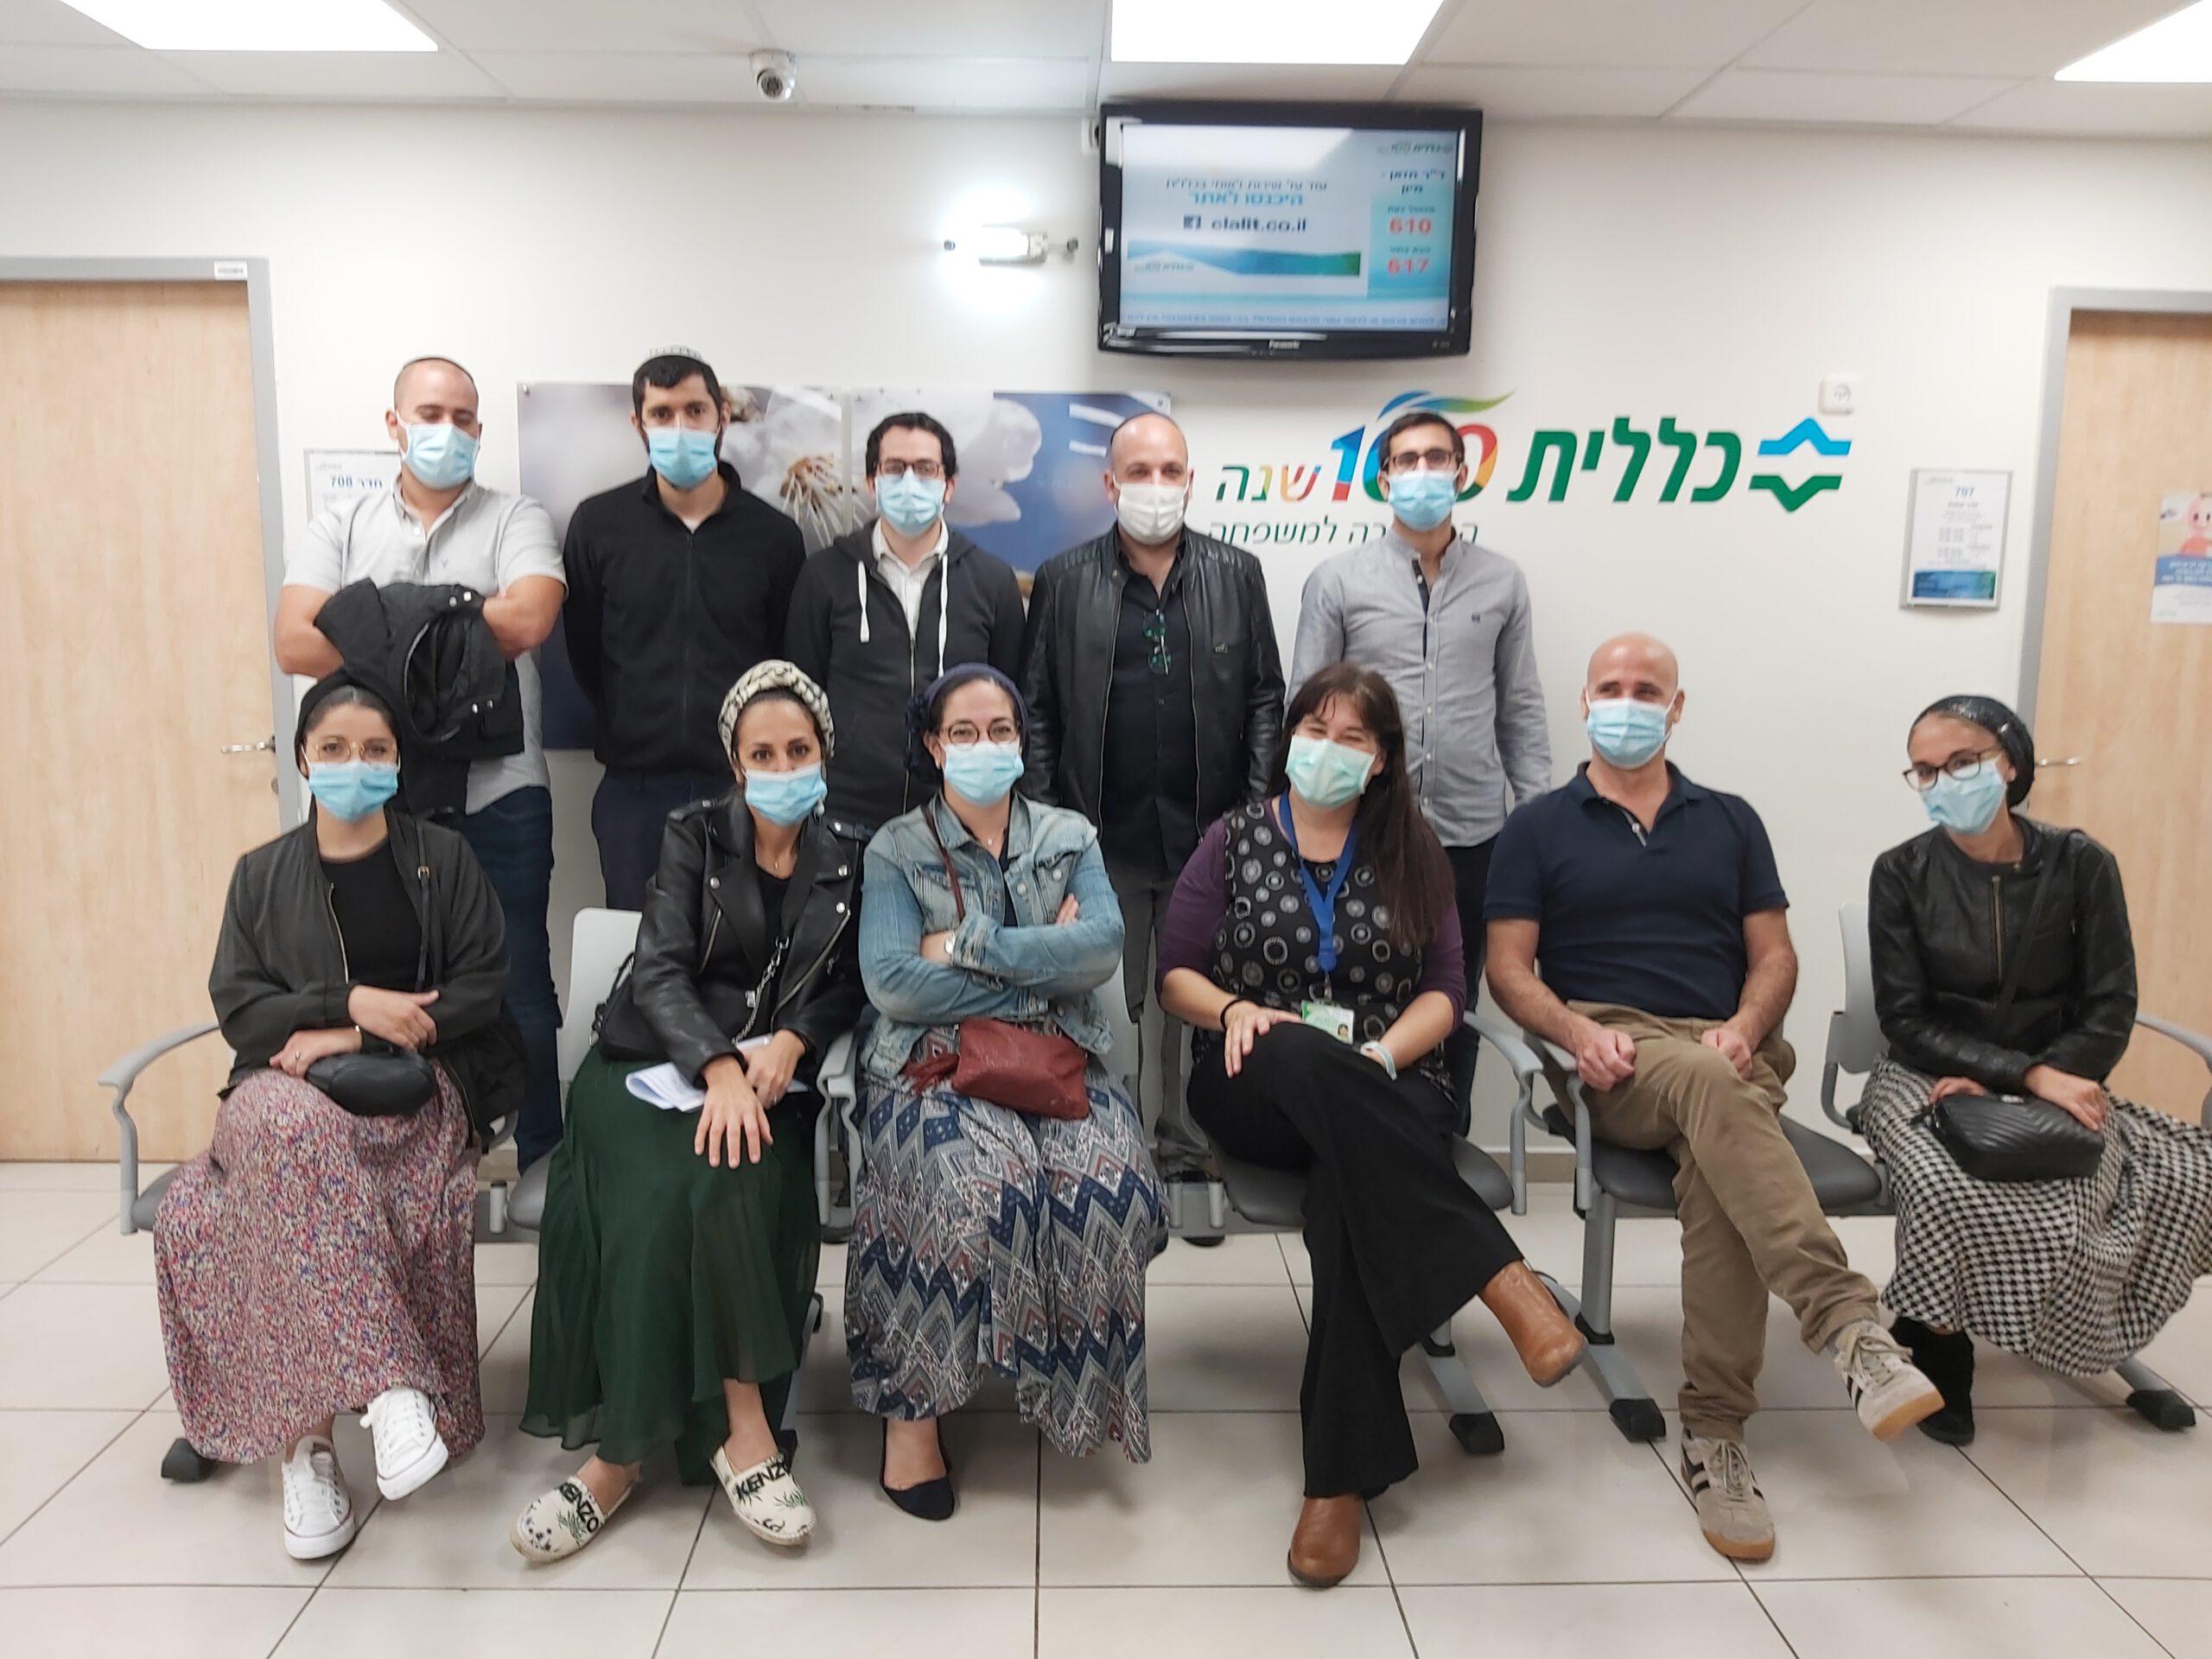 מפגש עם צוות רפואי עולים מצרפת